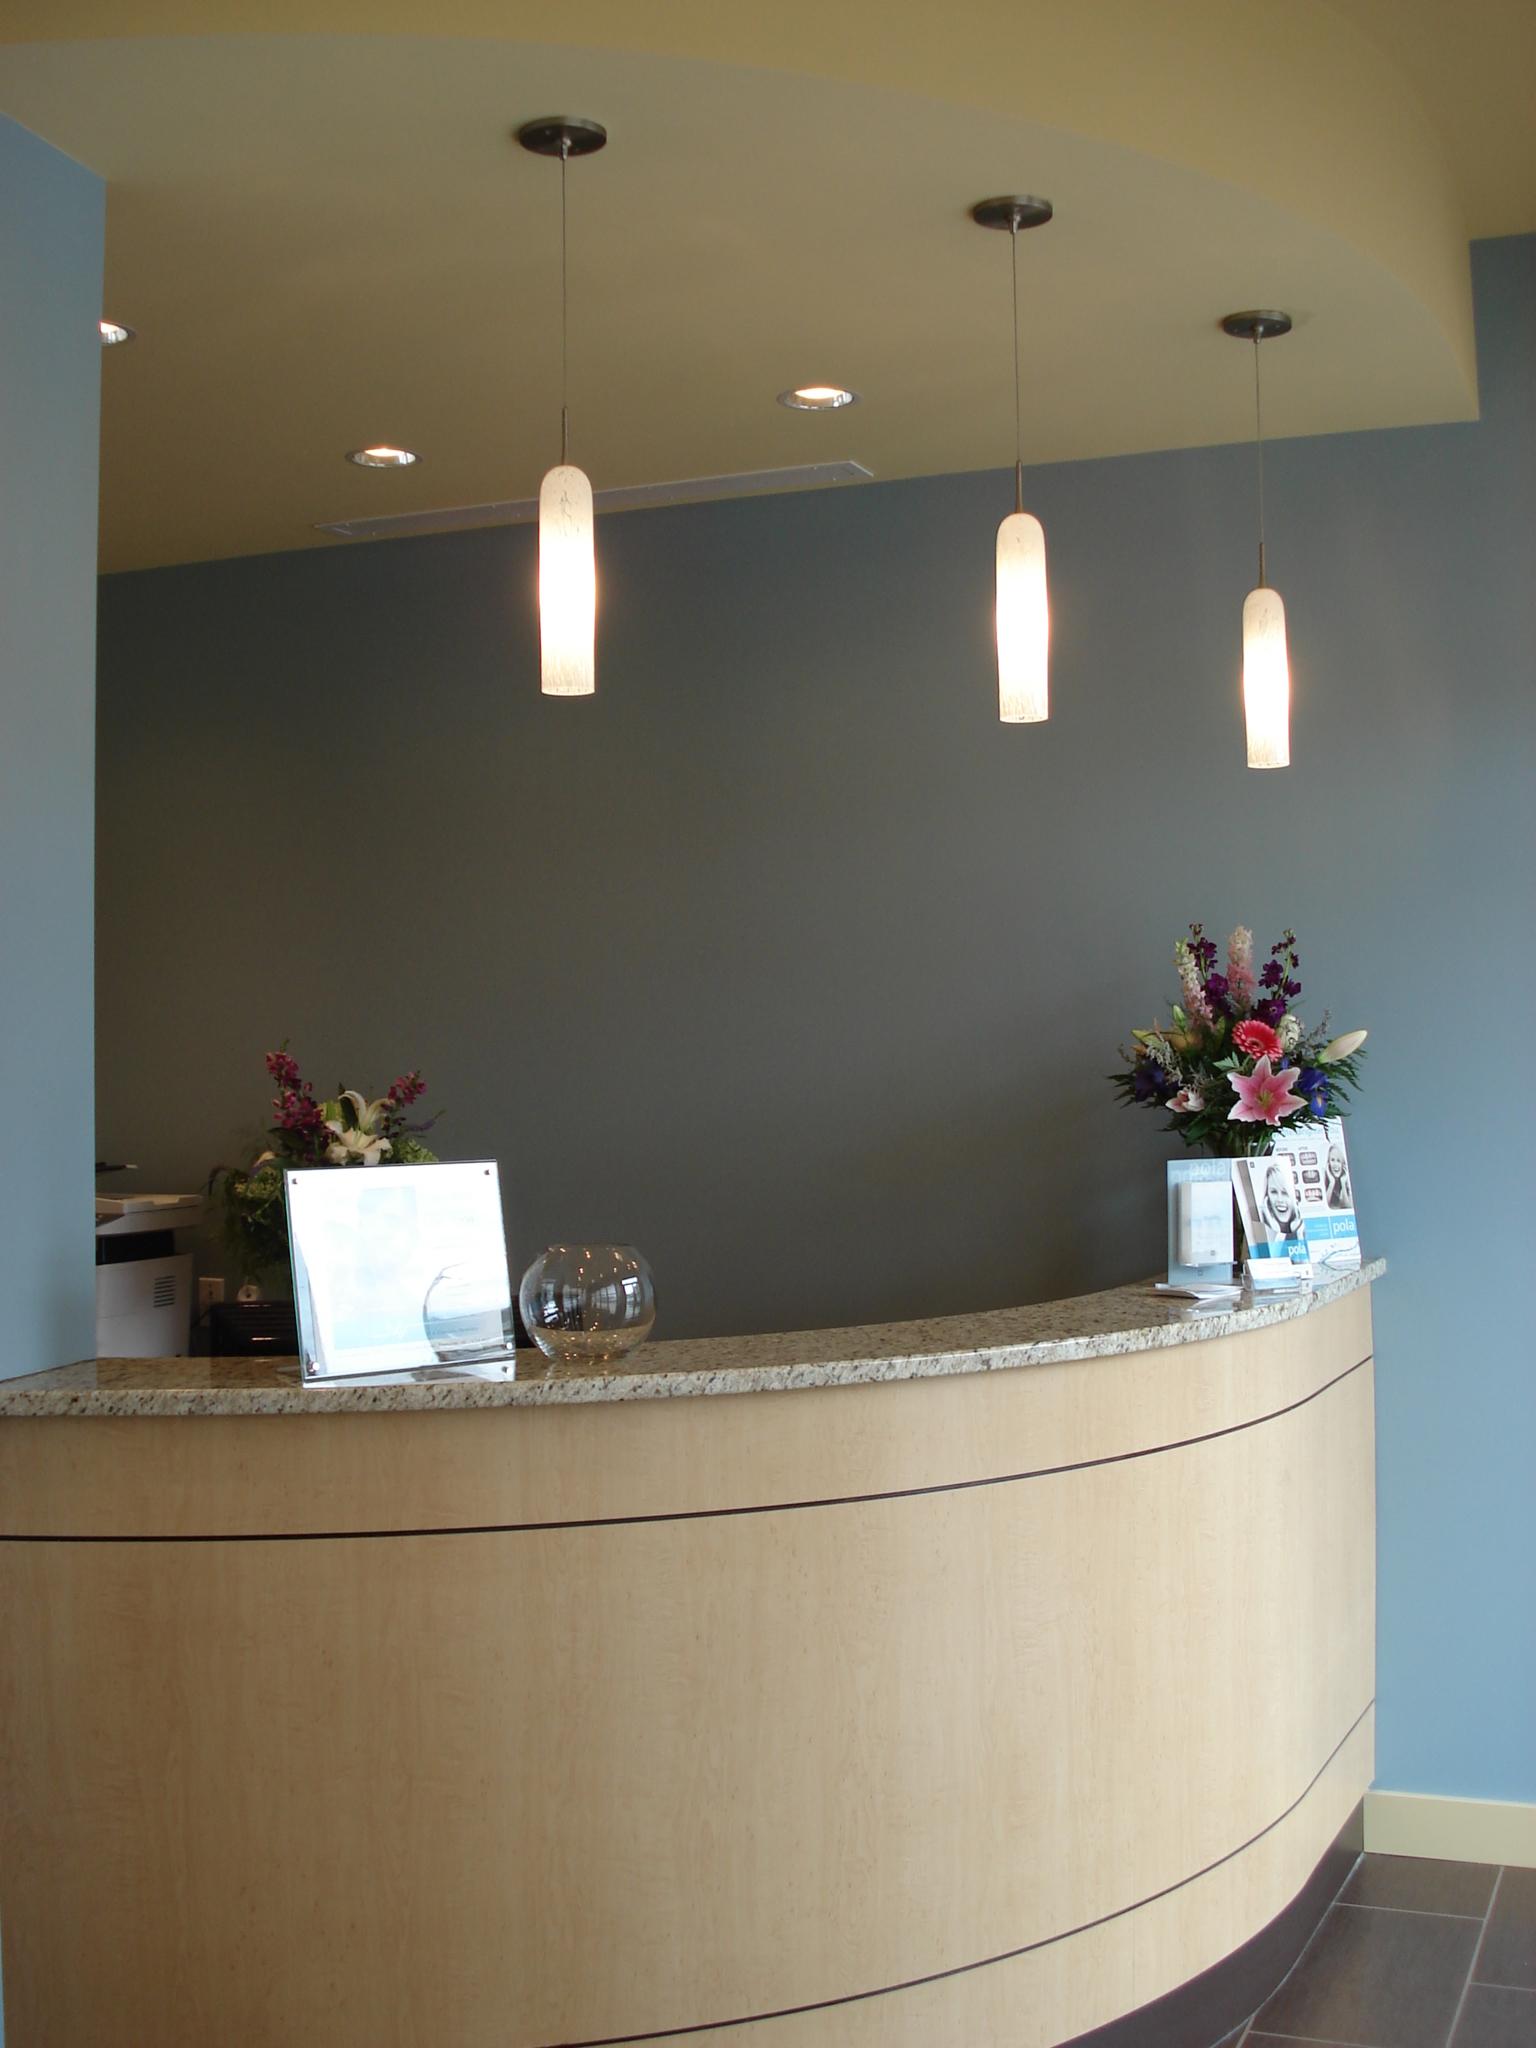 MV Dental Centre Penticton (250)493-3525